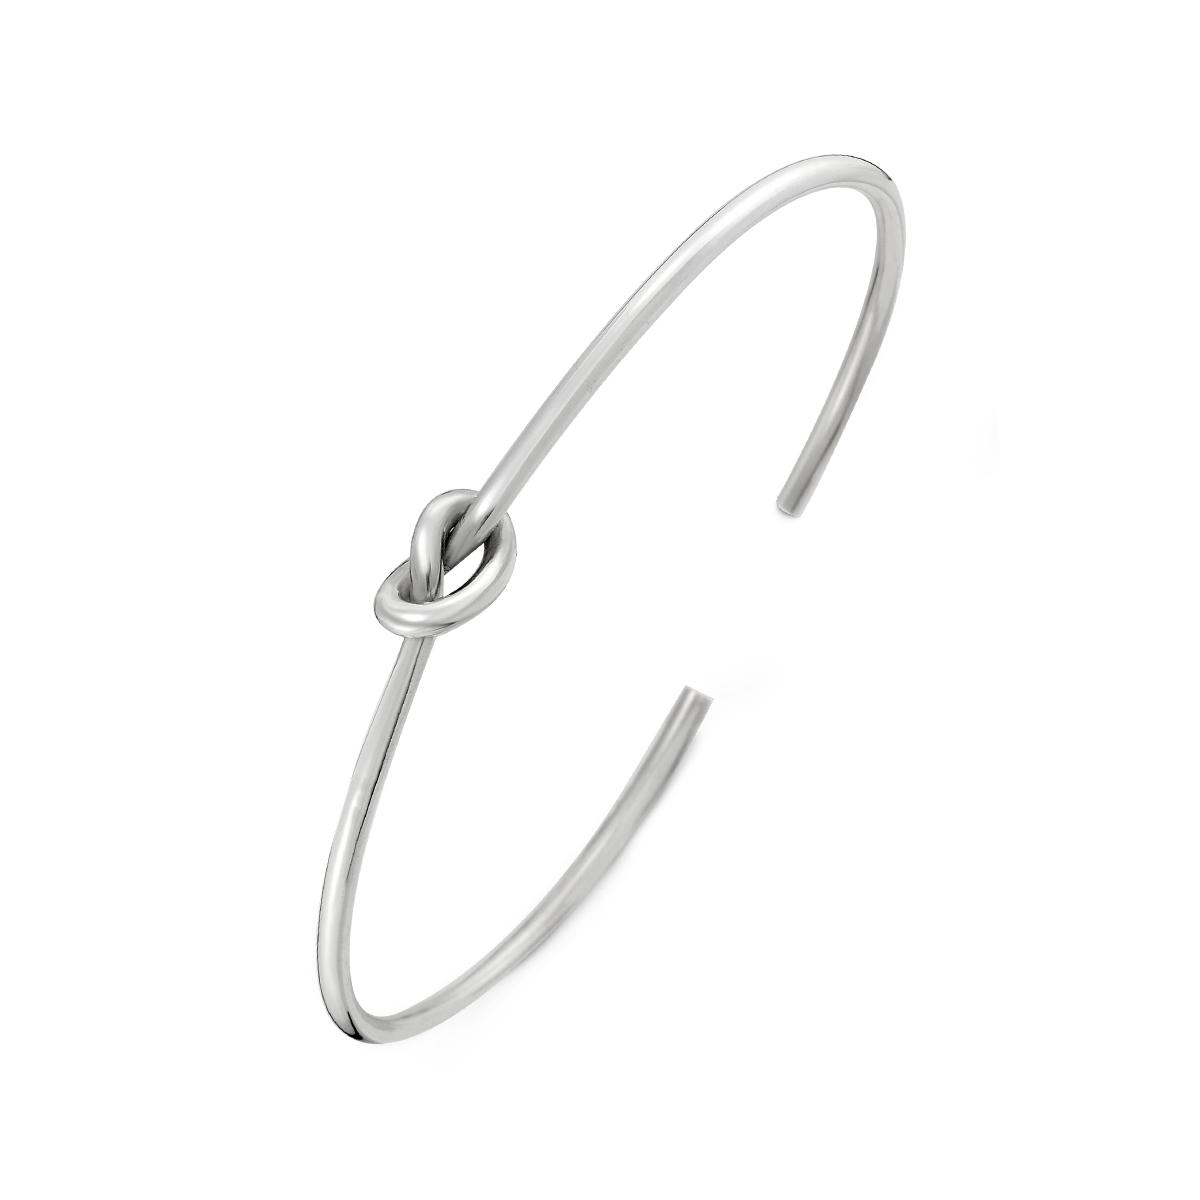 CS110 簡約哲學-繩結活圍簡約手環